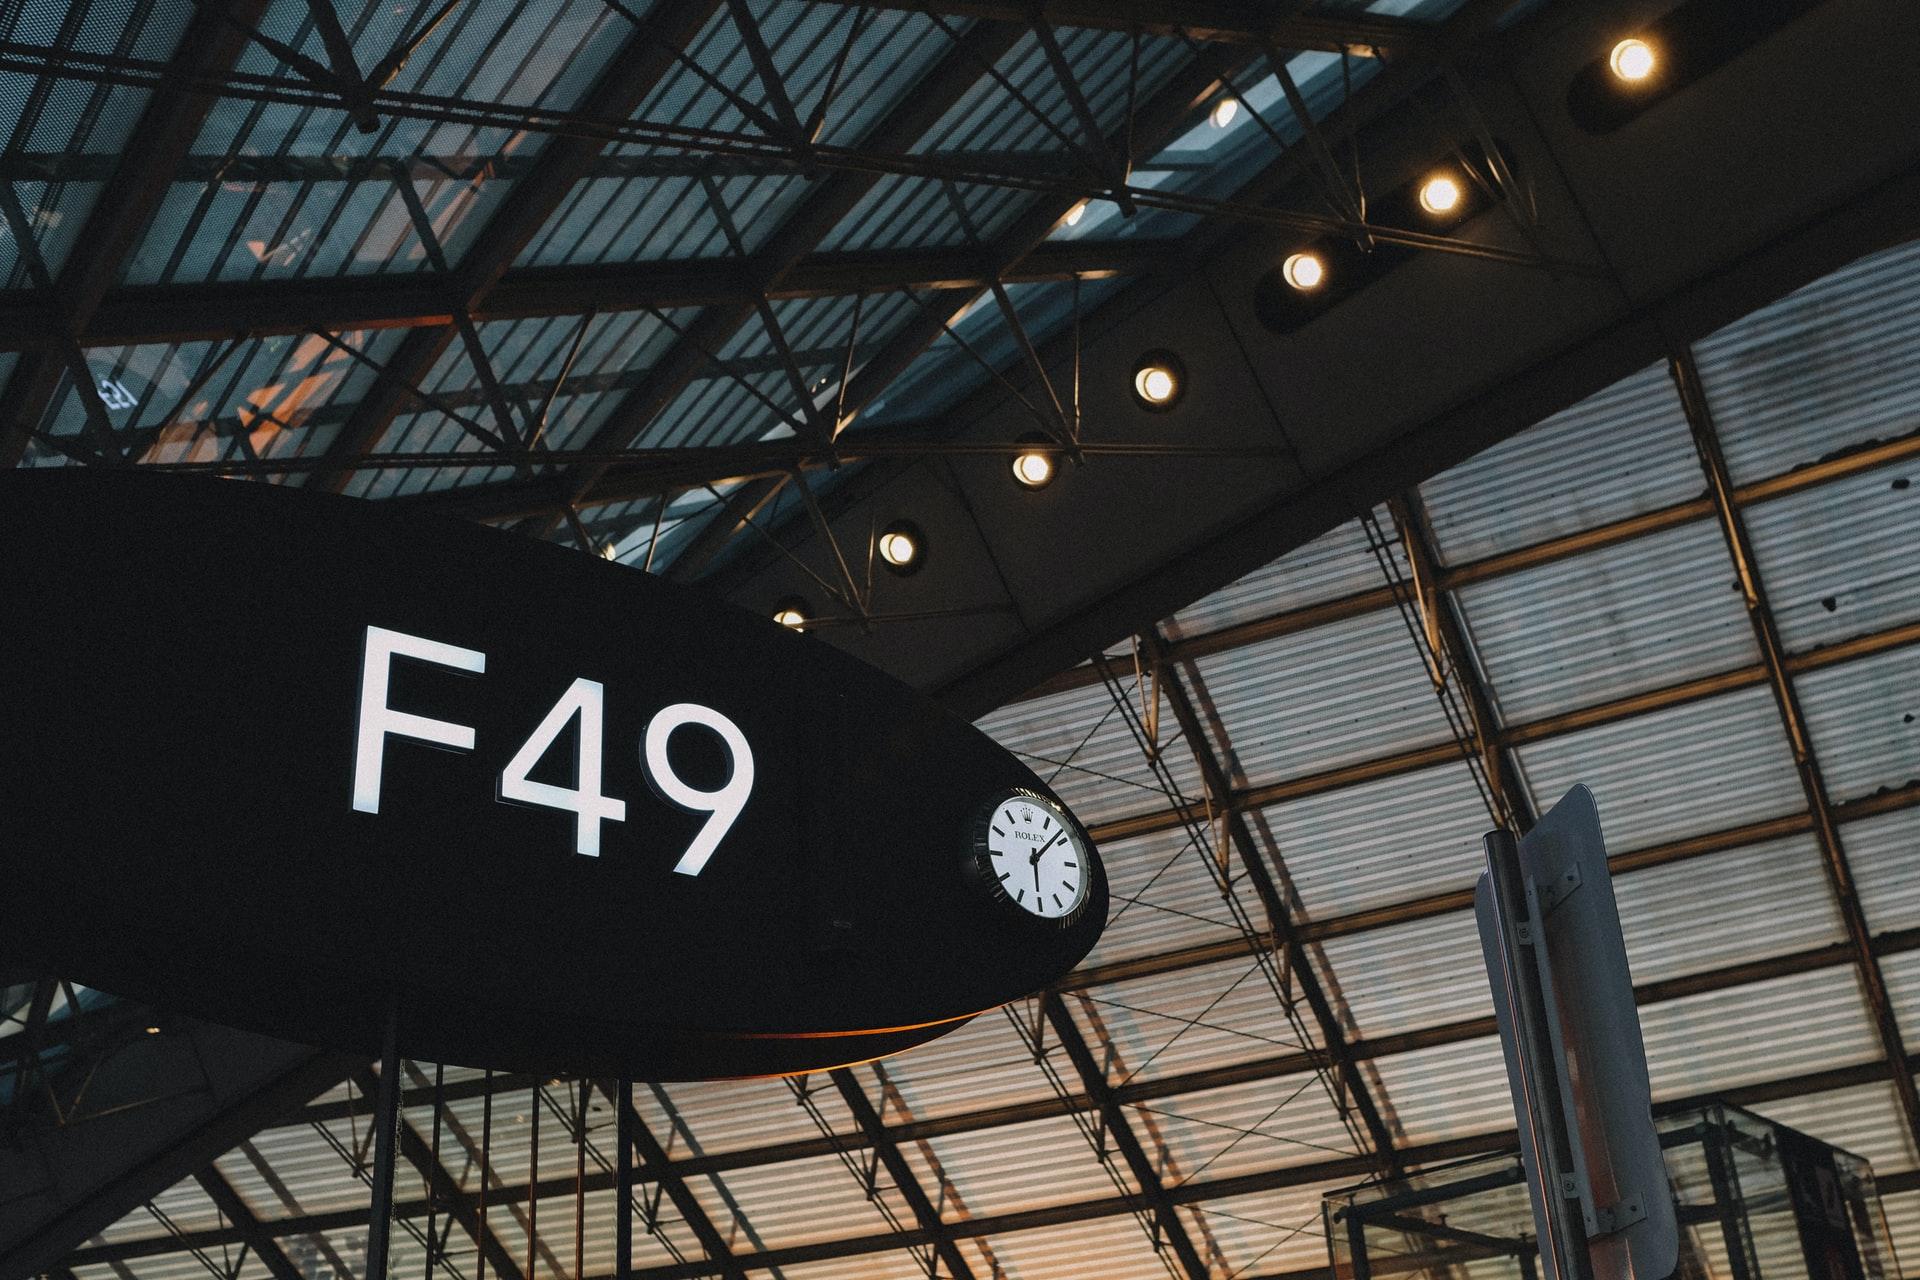 L'aéroport le plus fréquenté d'Europe est désormais… Roissy-Charles de Gaulle